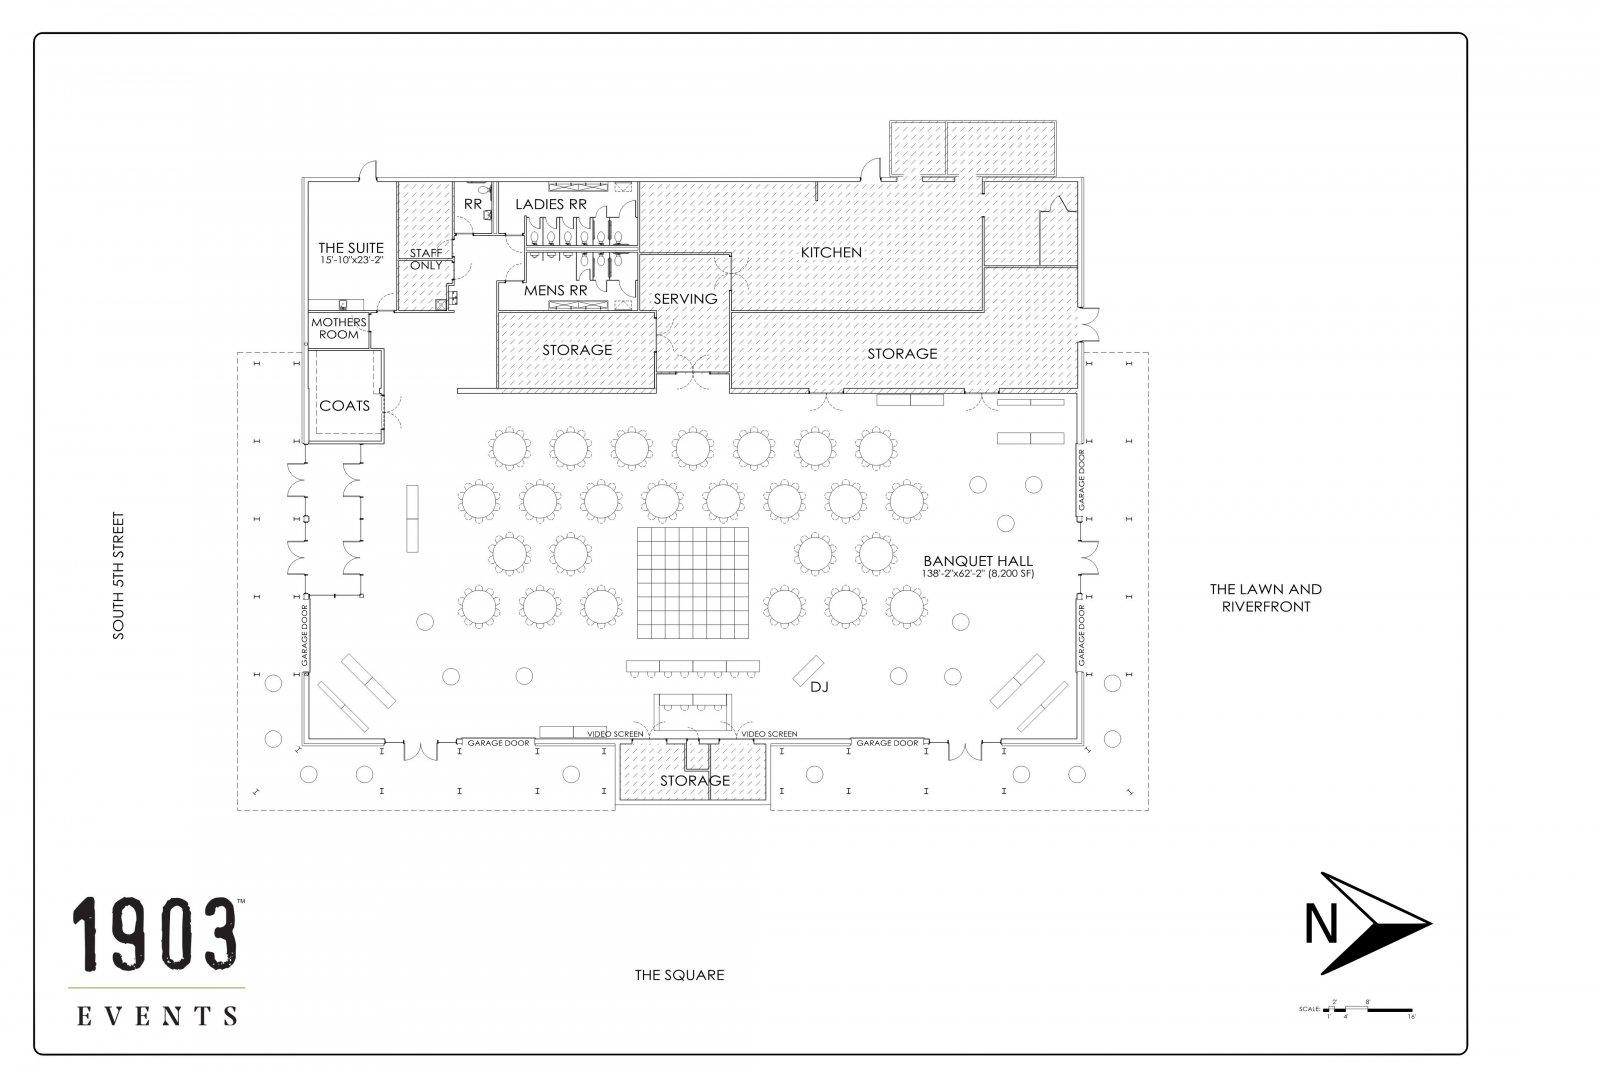 New Garage Floor Plan #2